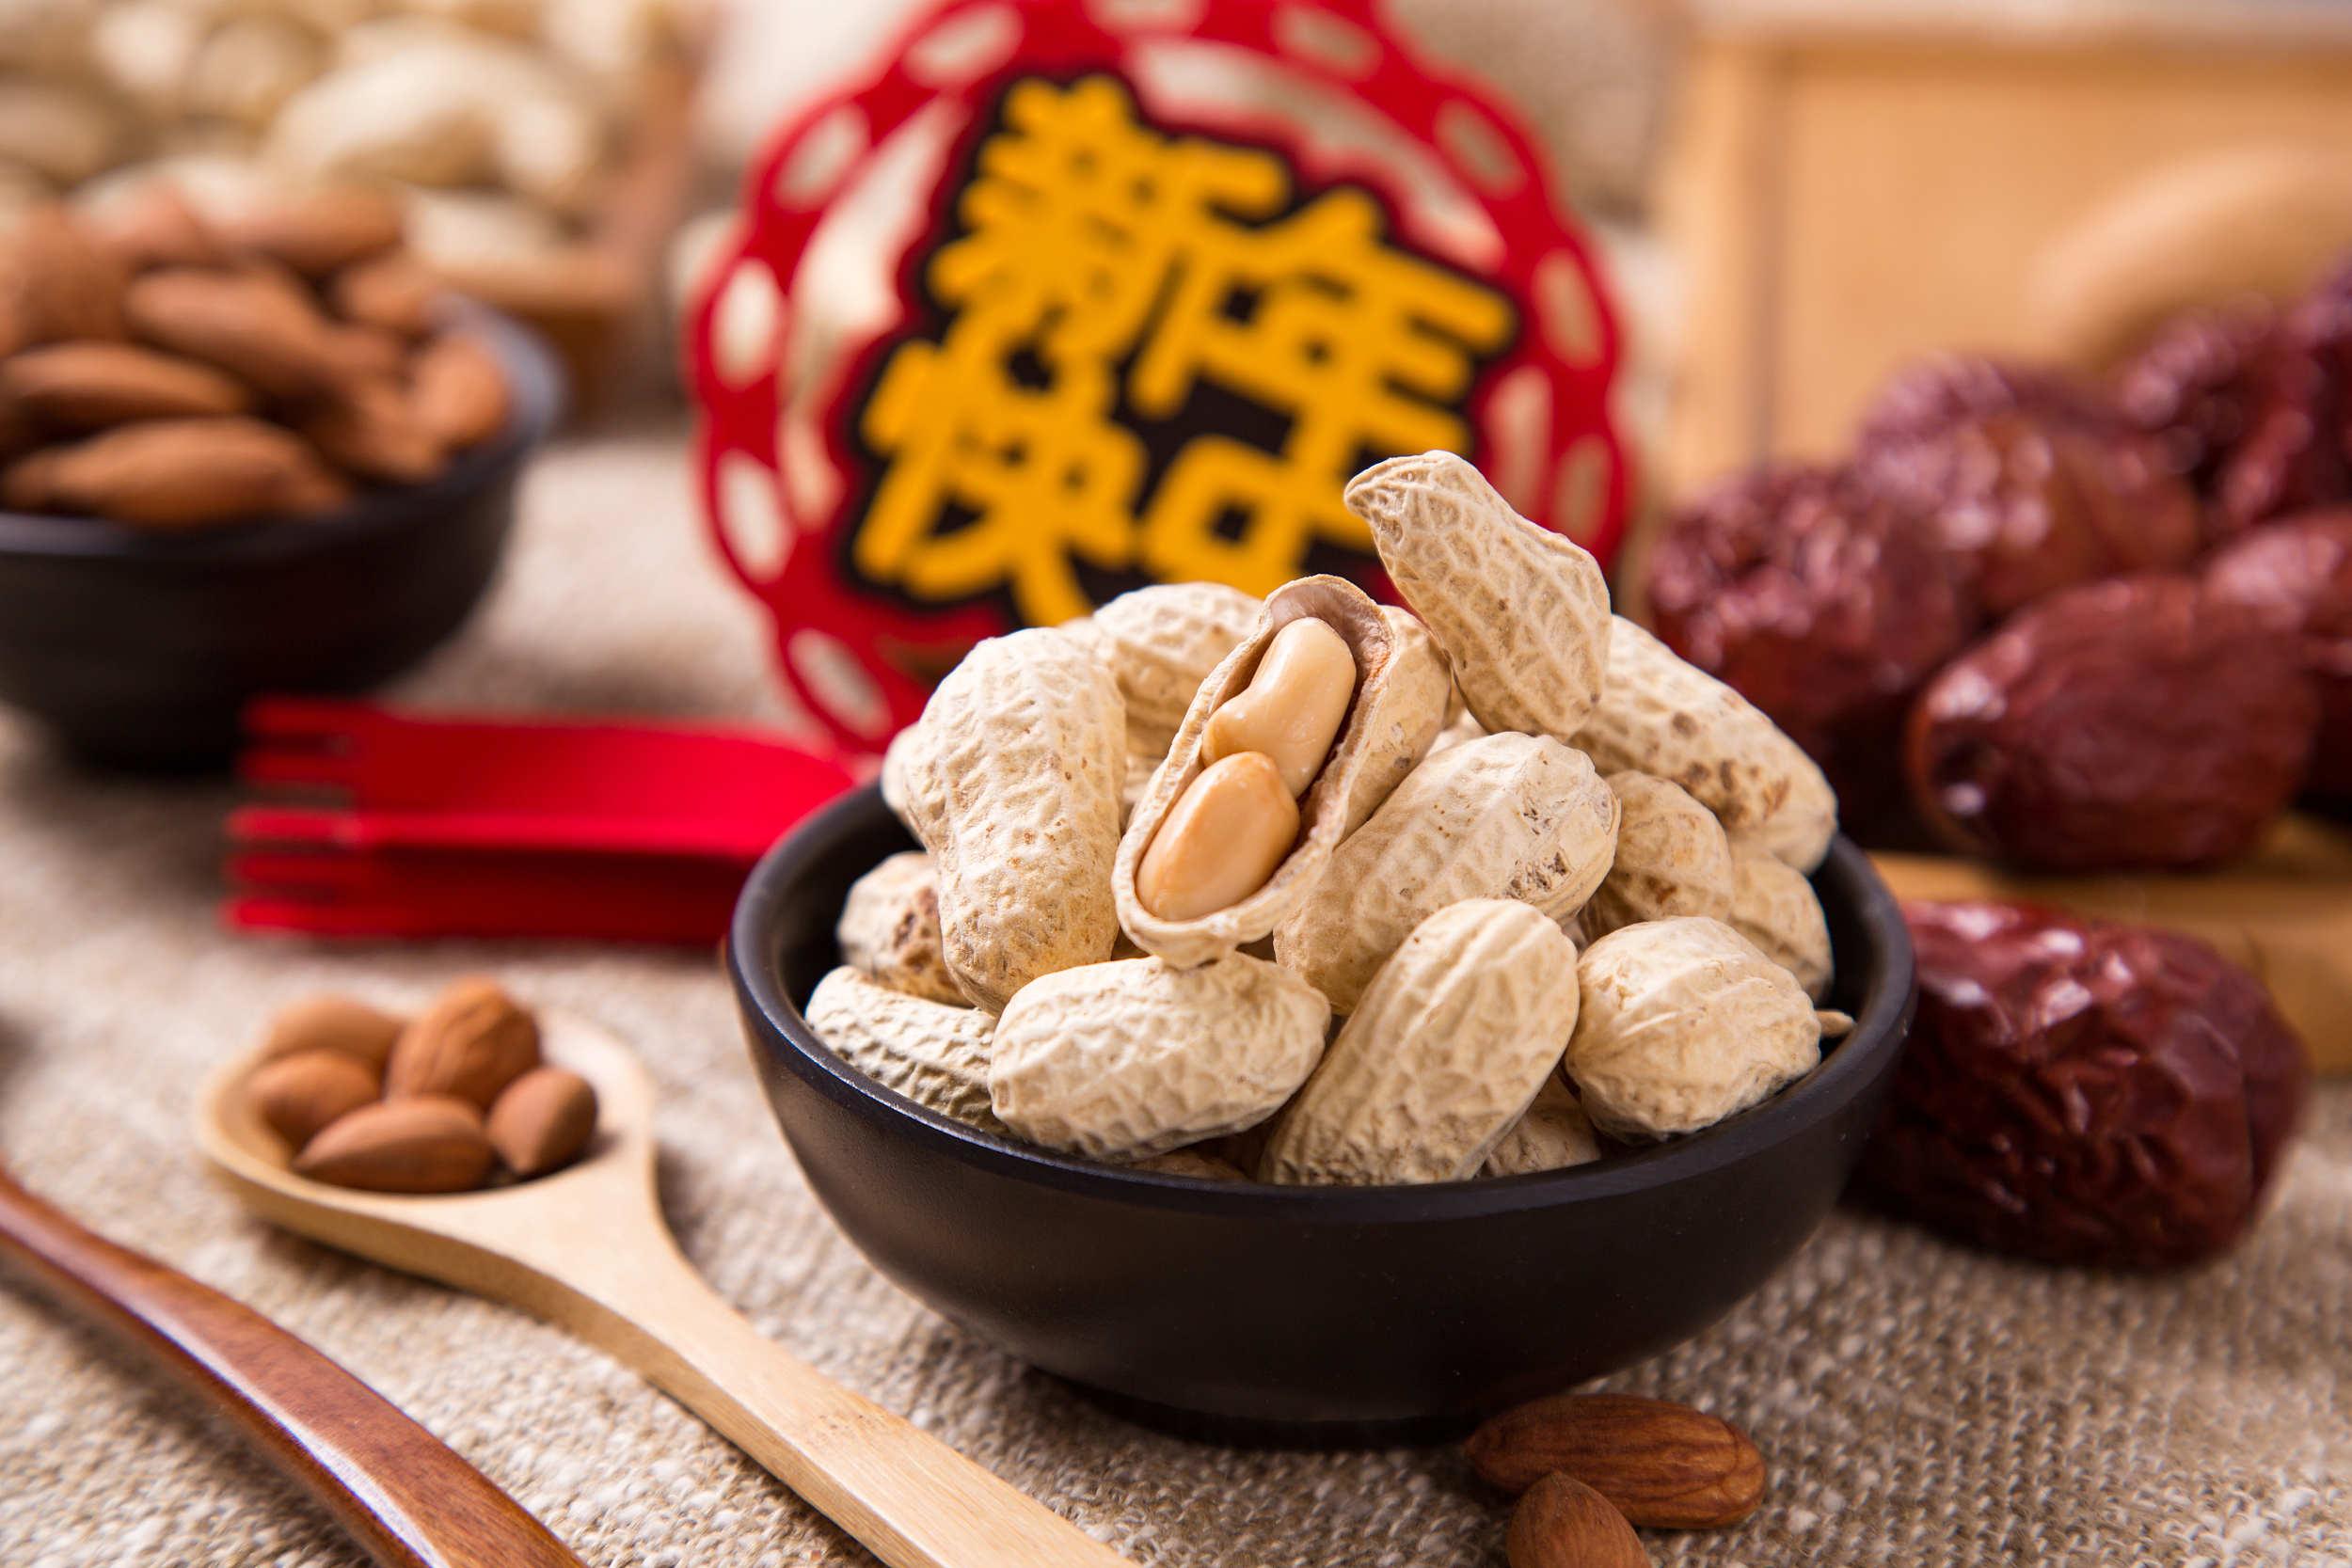 春节膳食注意三点 远离慢病安心过年